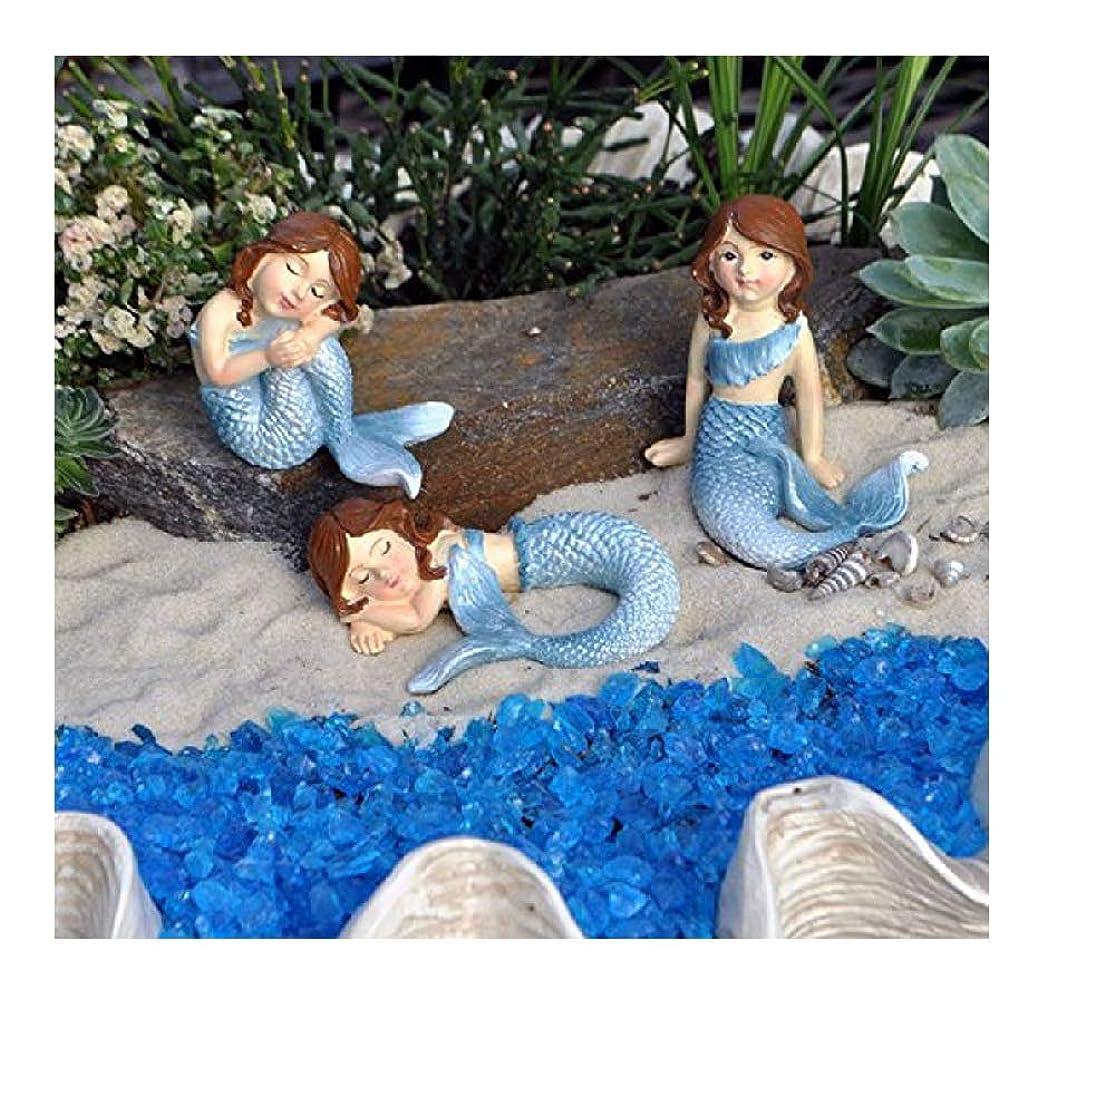 Ganz Fairy Garden Decor Fantasy Mermaid 3 Piece Set Figurines hdofoswh2